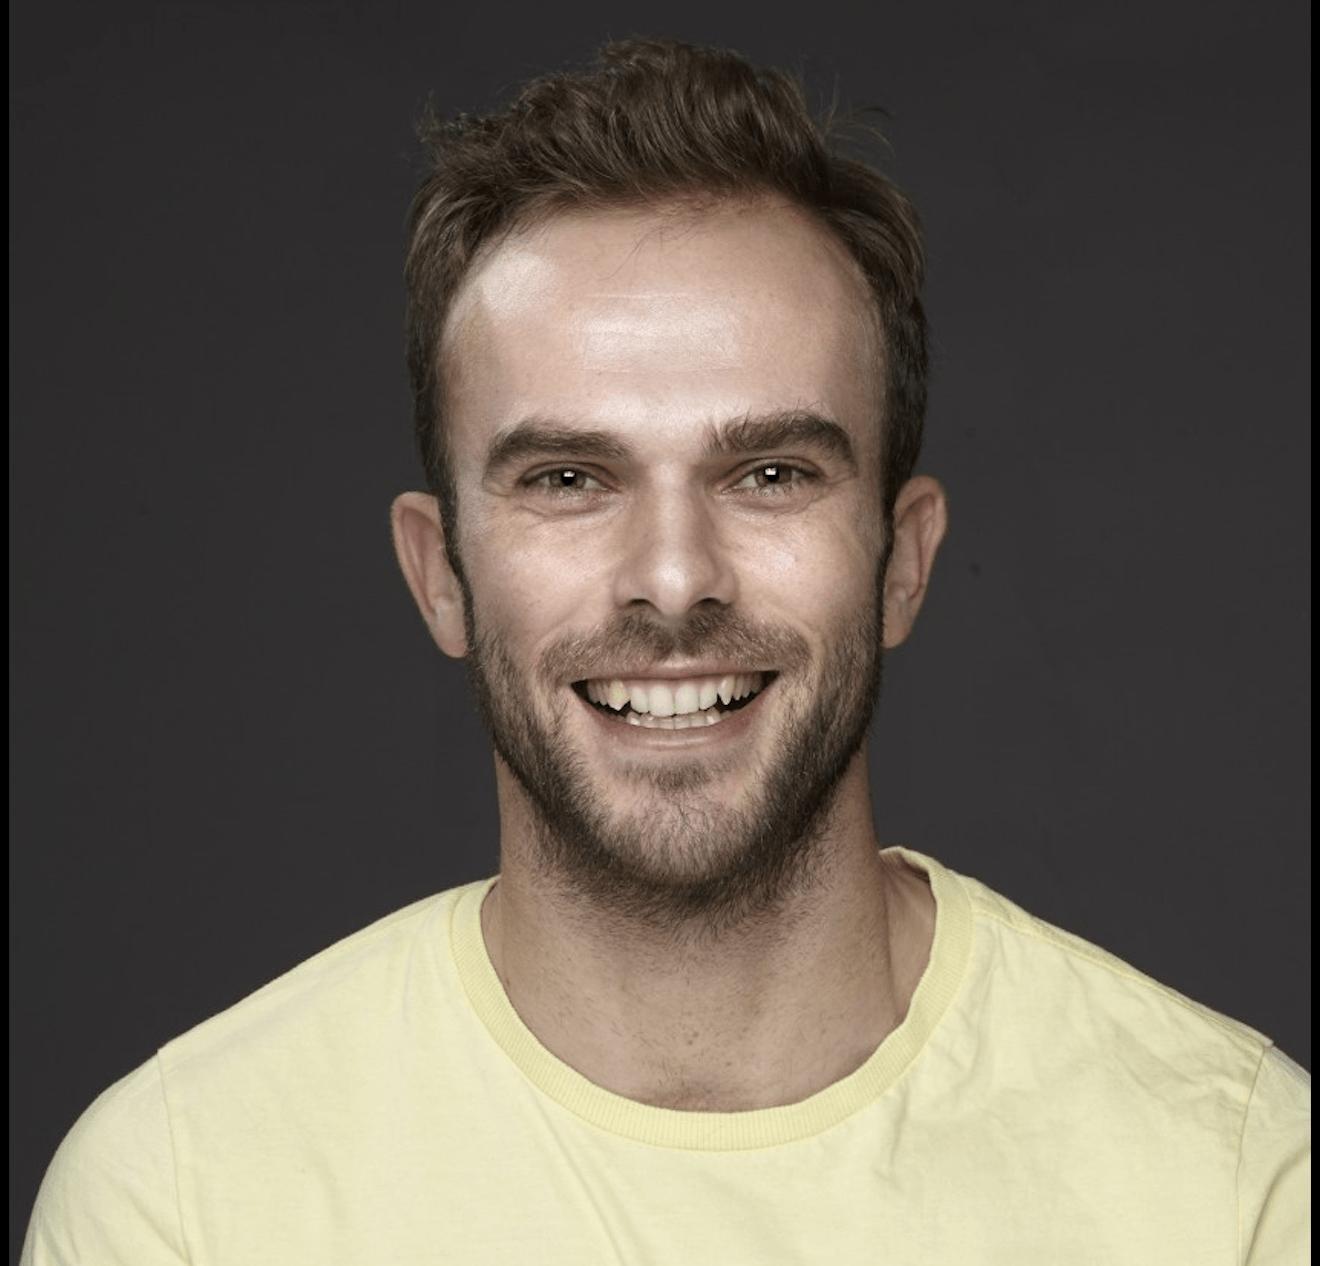 Thomas Perrels